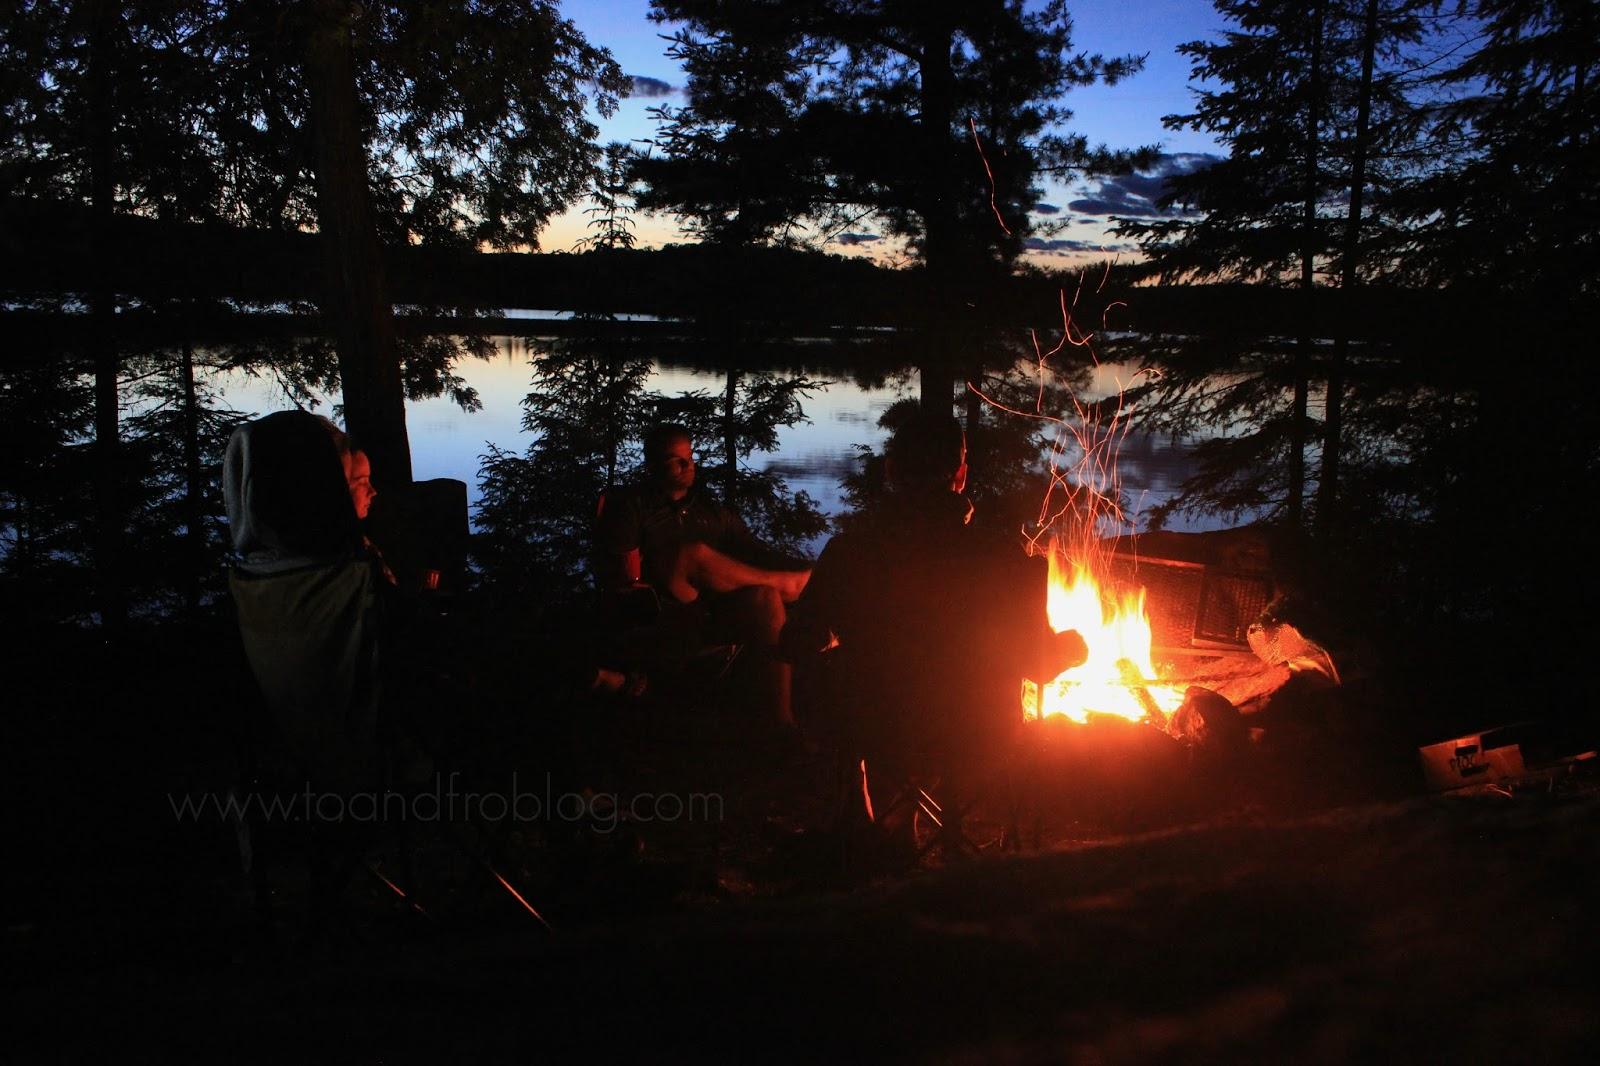 campfire in algonquin provincial park, ontario canada